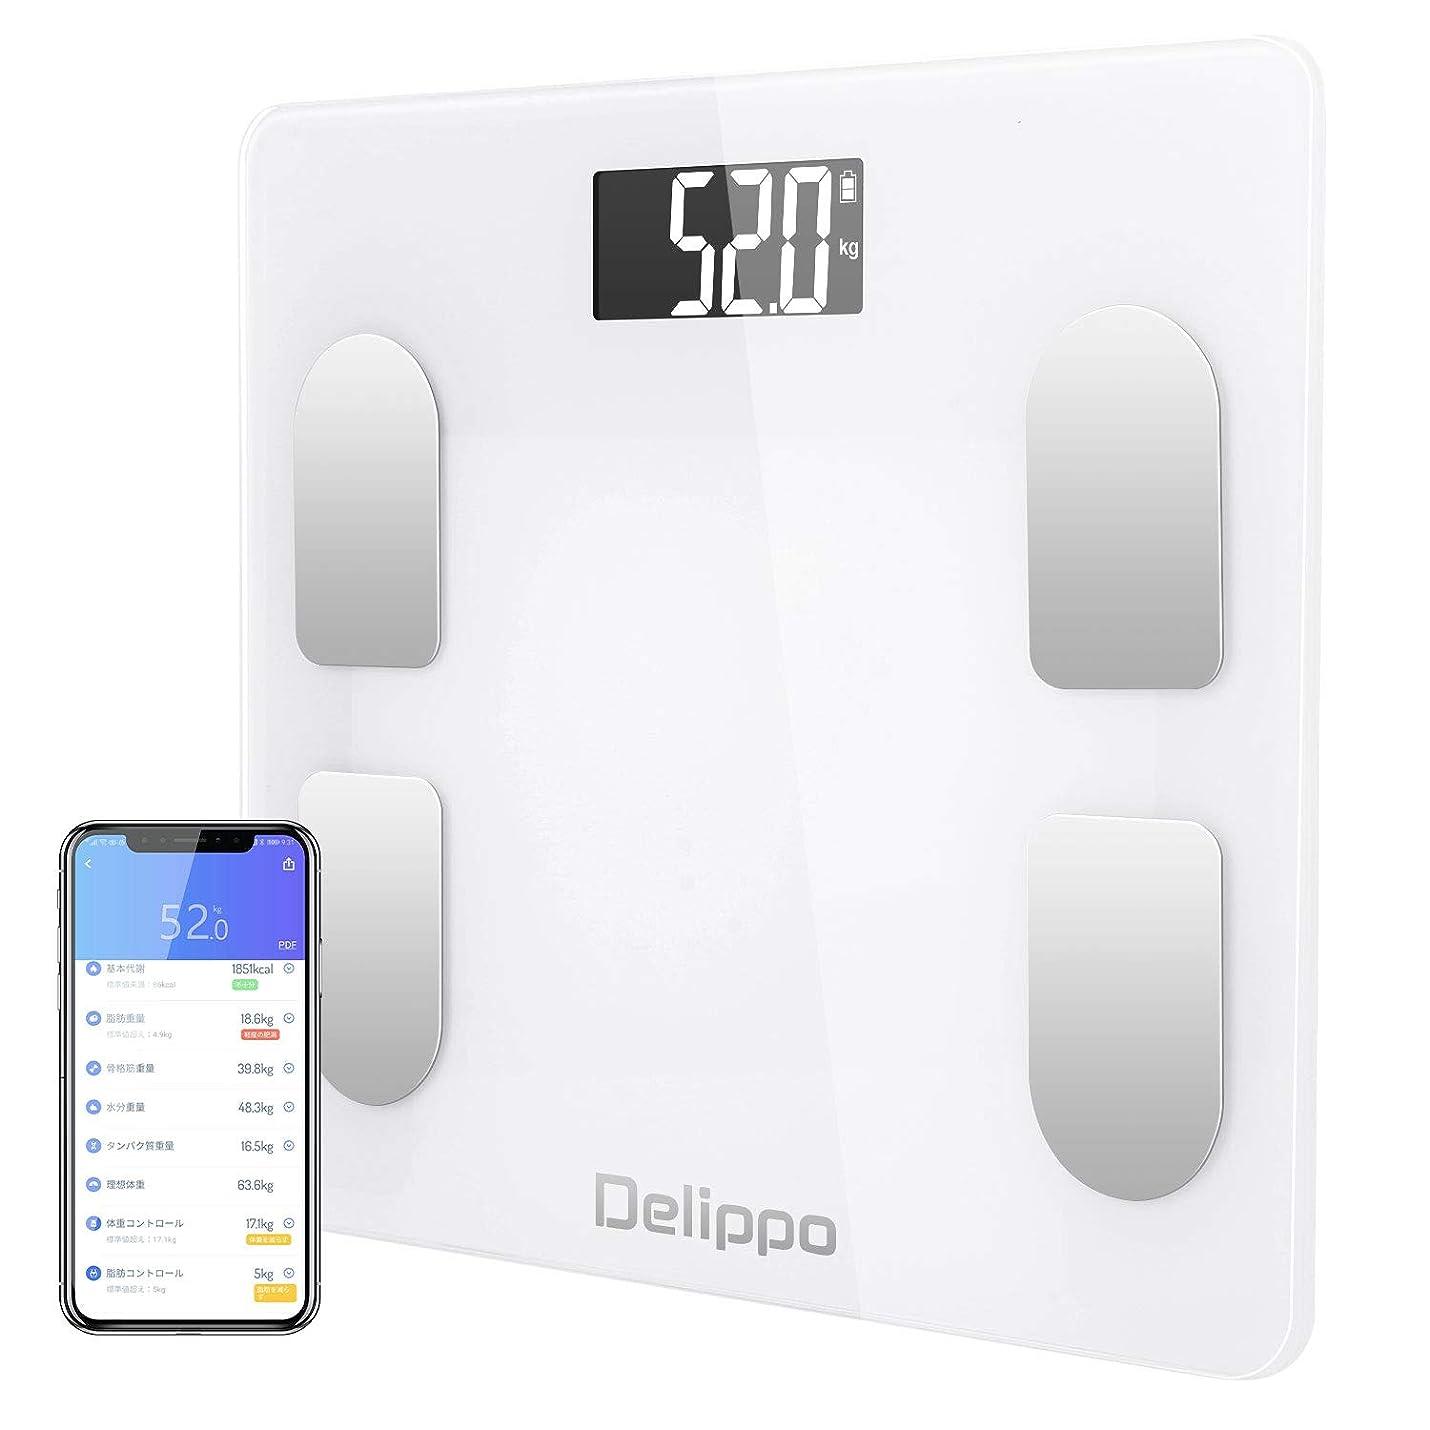 クール策定するディレクター体重?体組成計?体脂肪計 Bluetooth スマホ連動?スマートスケール 体脂肪率やBMI体重/基礎代謝など測定できる 収納便利 日本語APP&説明書対応 (ホワイト)